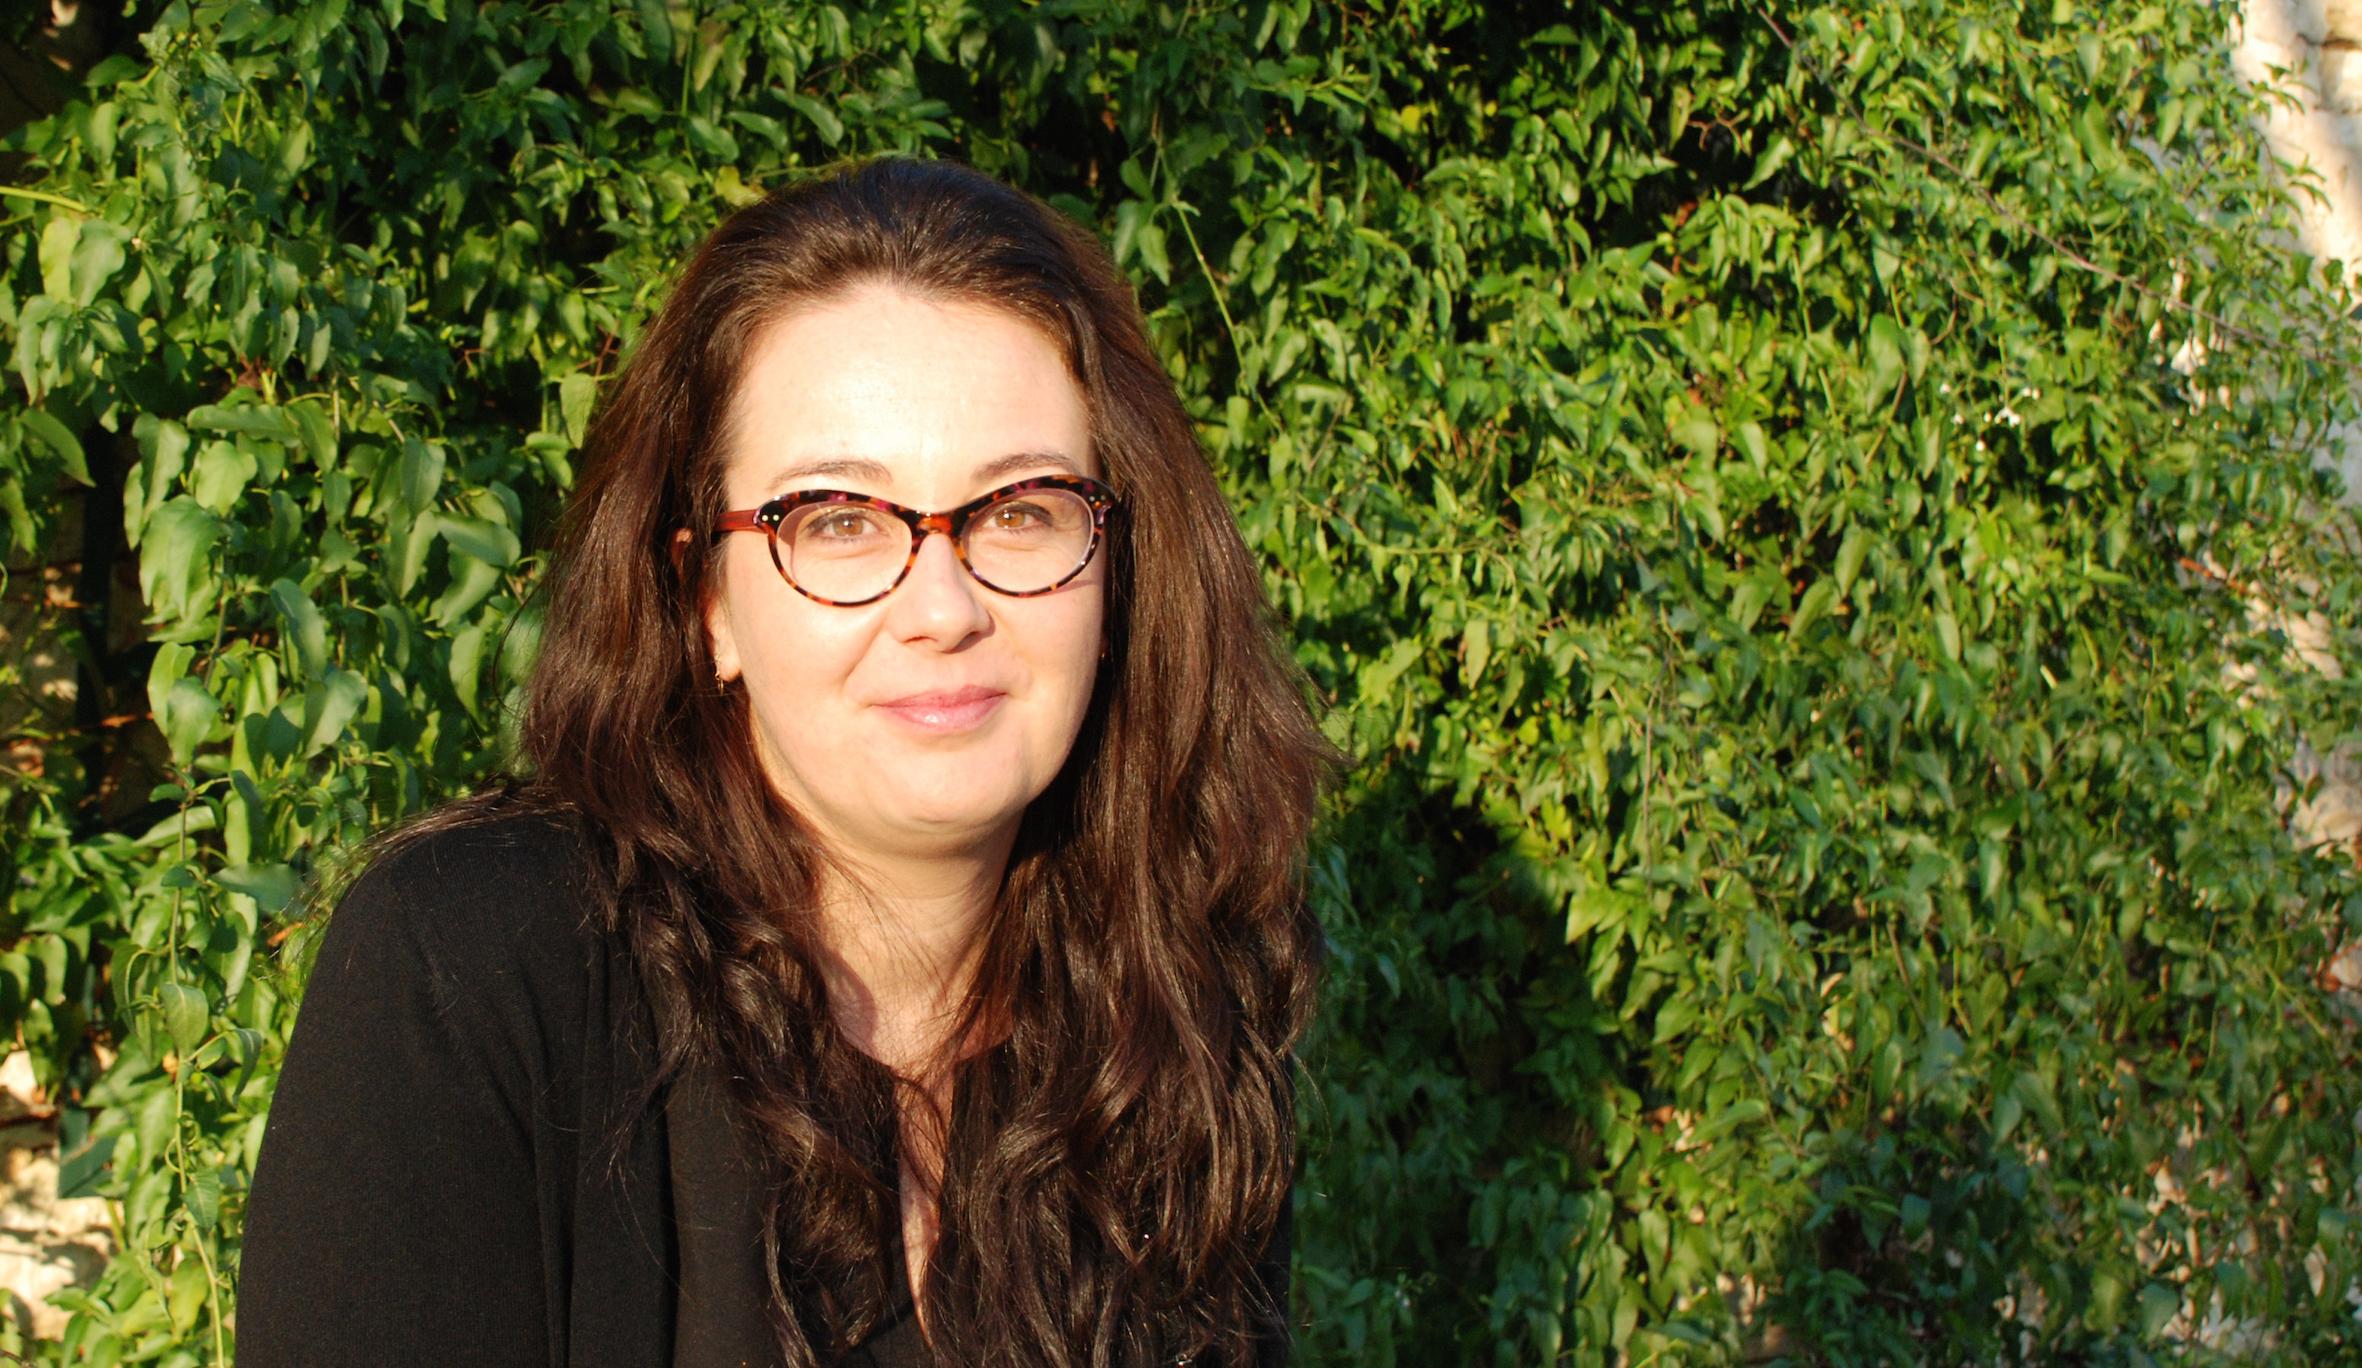 Caroline Rouennier, Directrice générale du Parc naturel régional du Marais poitevin